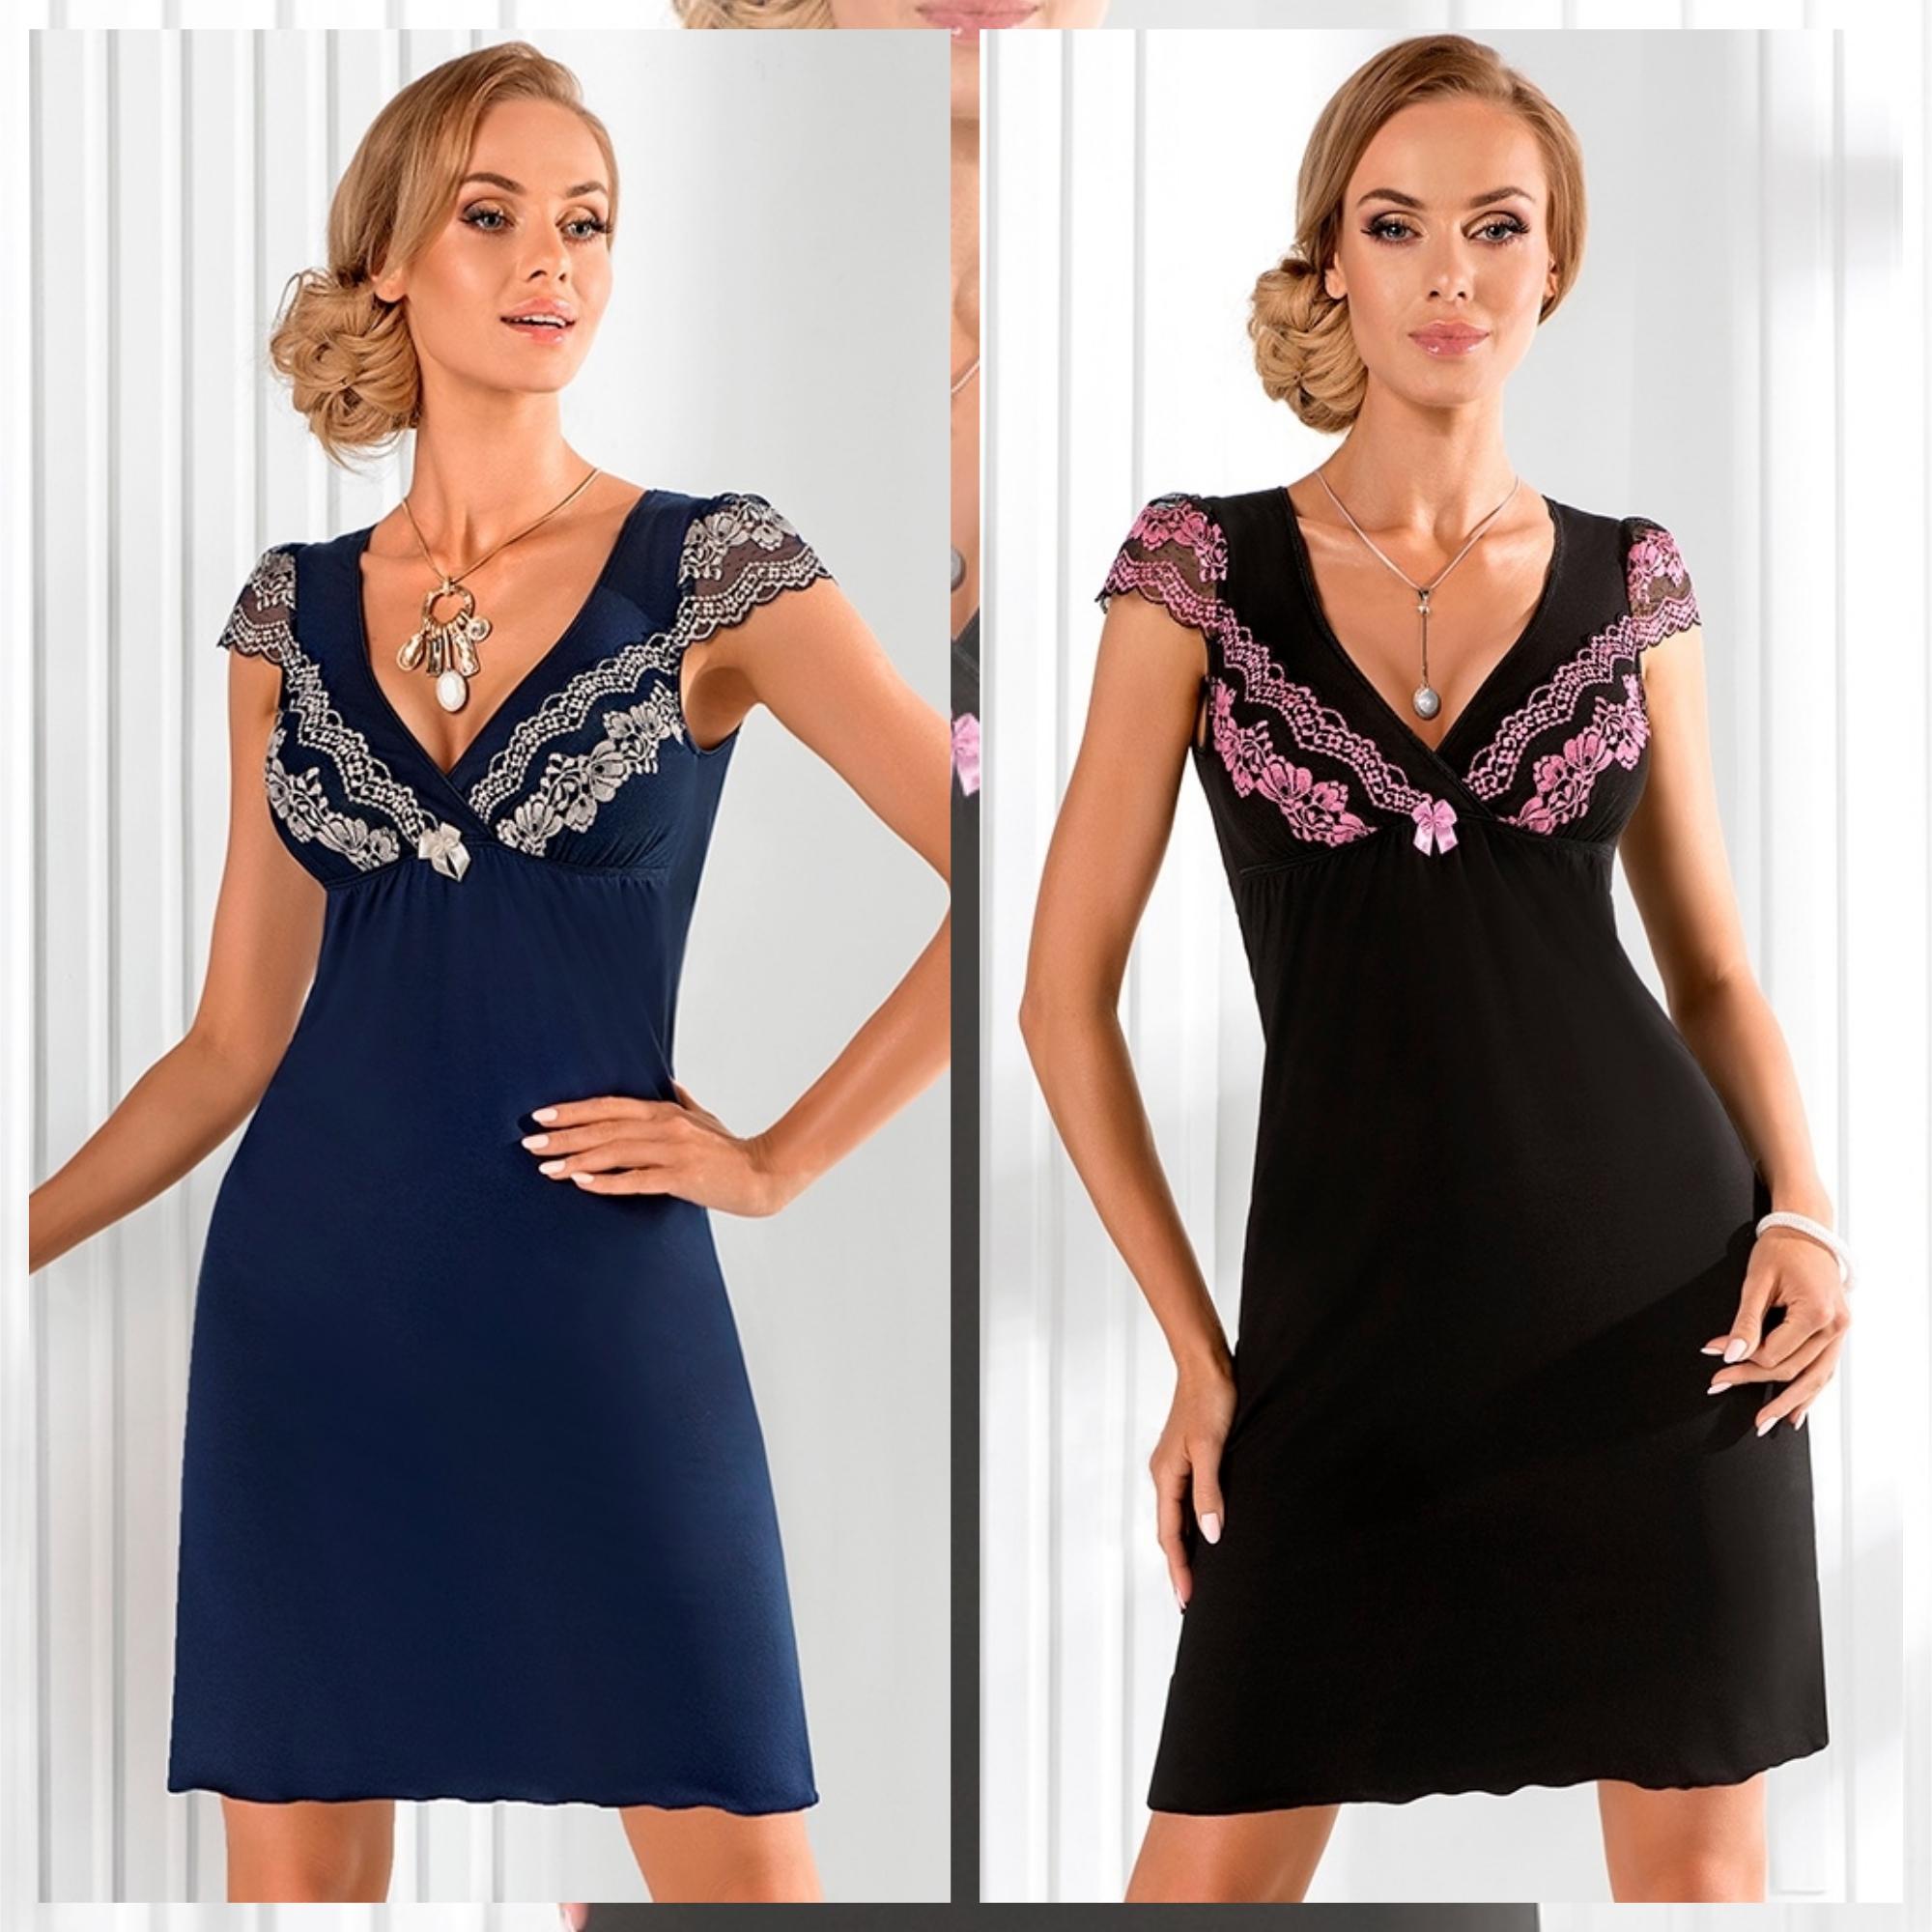 Женские сорочки Donna купить